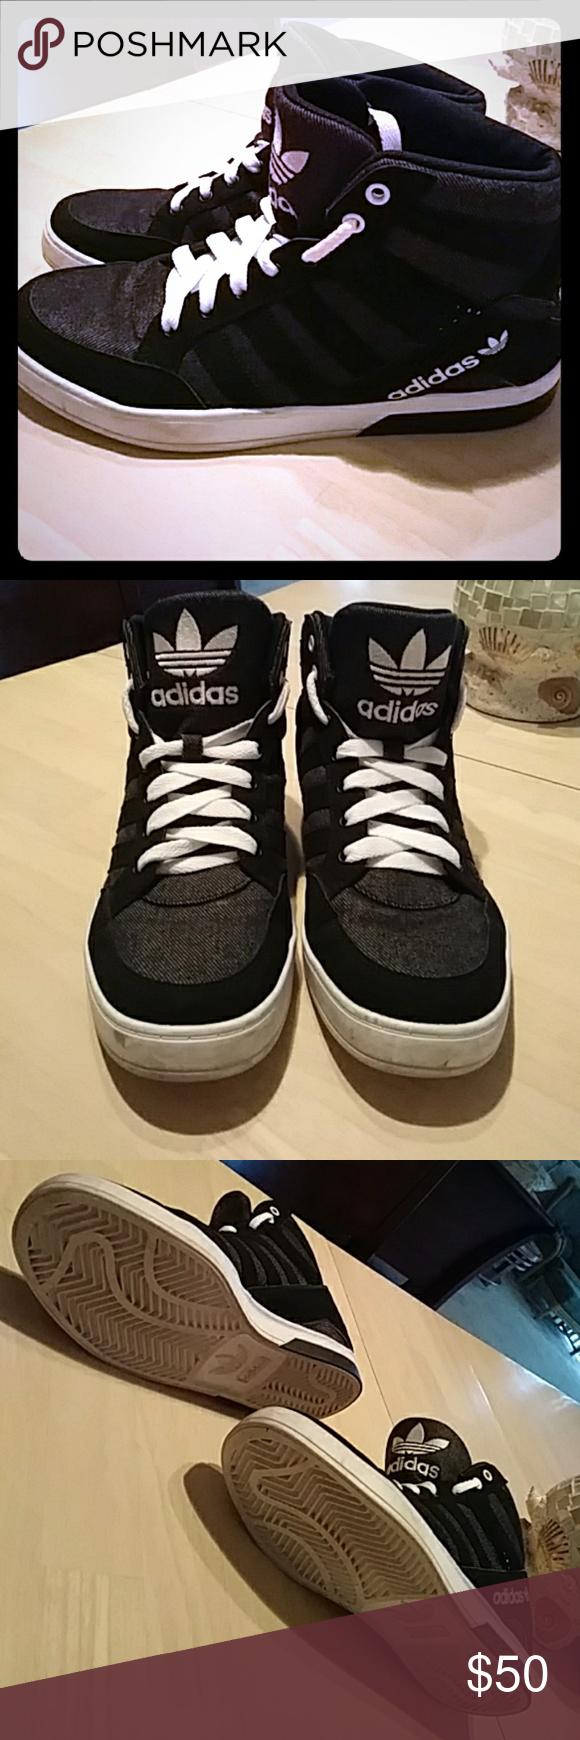 Schuhe für billige Skate Schuhe zum halben Preis adidas high